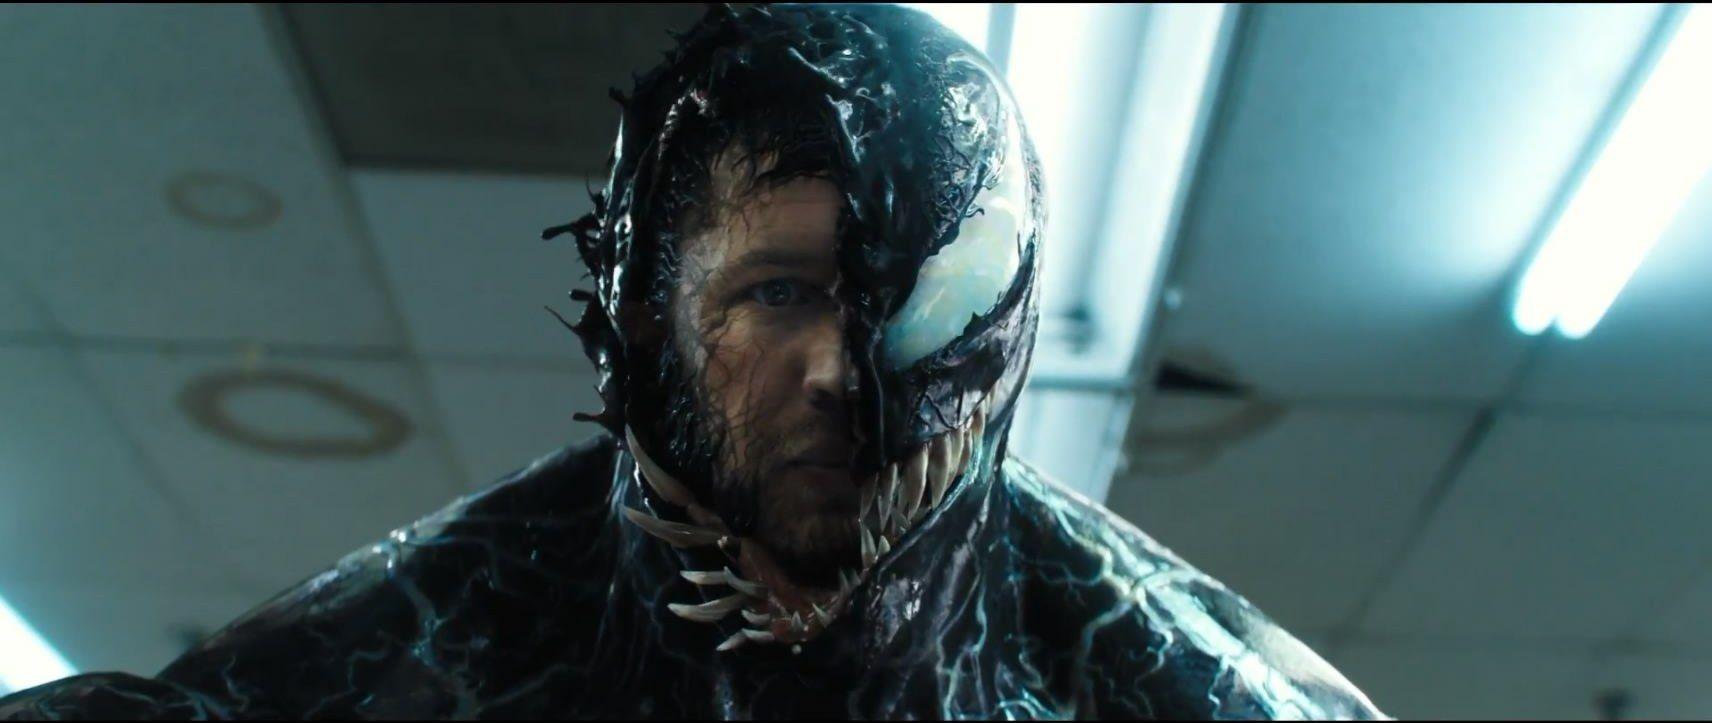 Watch Venom Movie Online Free Download Venom Movie Venom Venom 2018